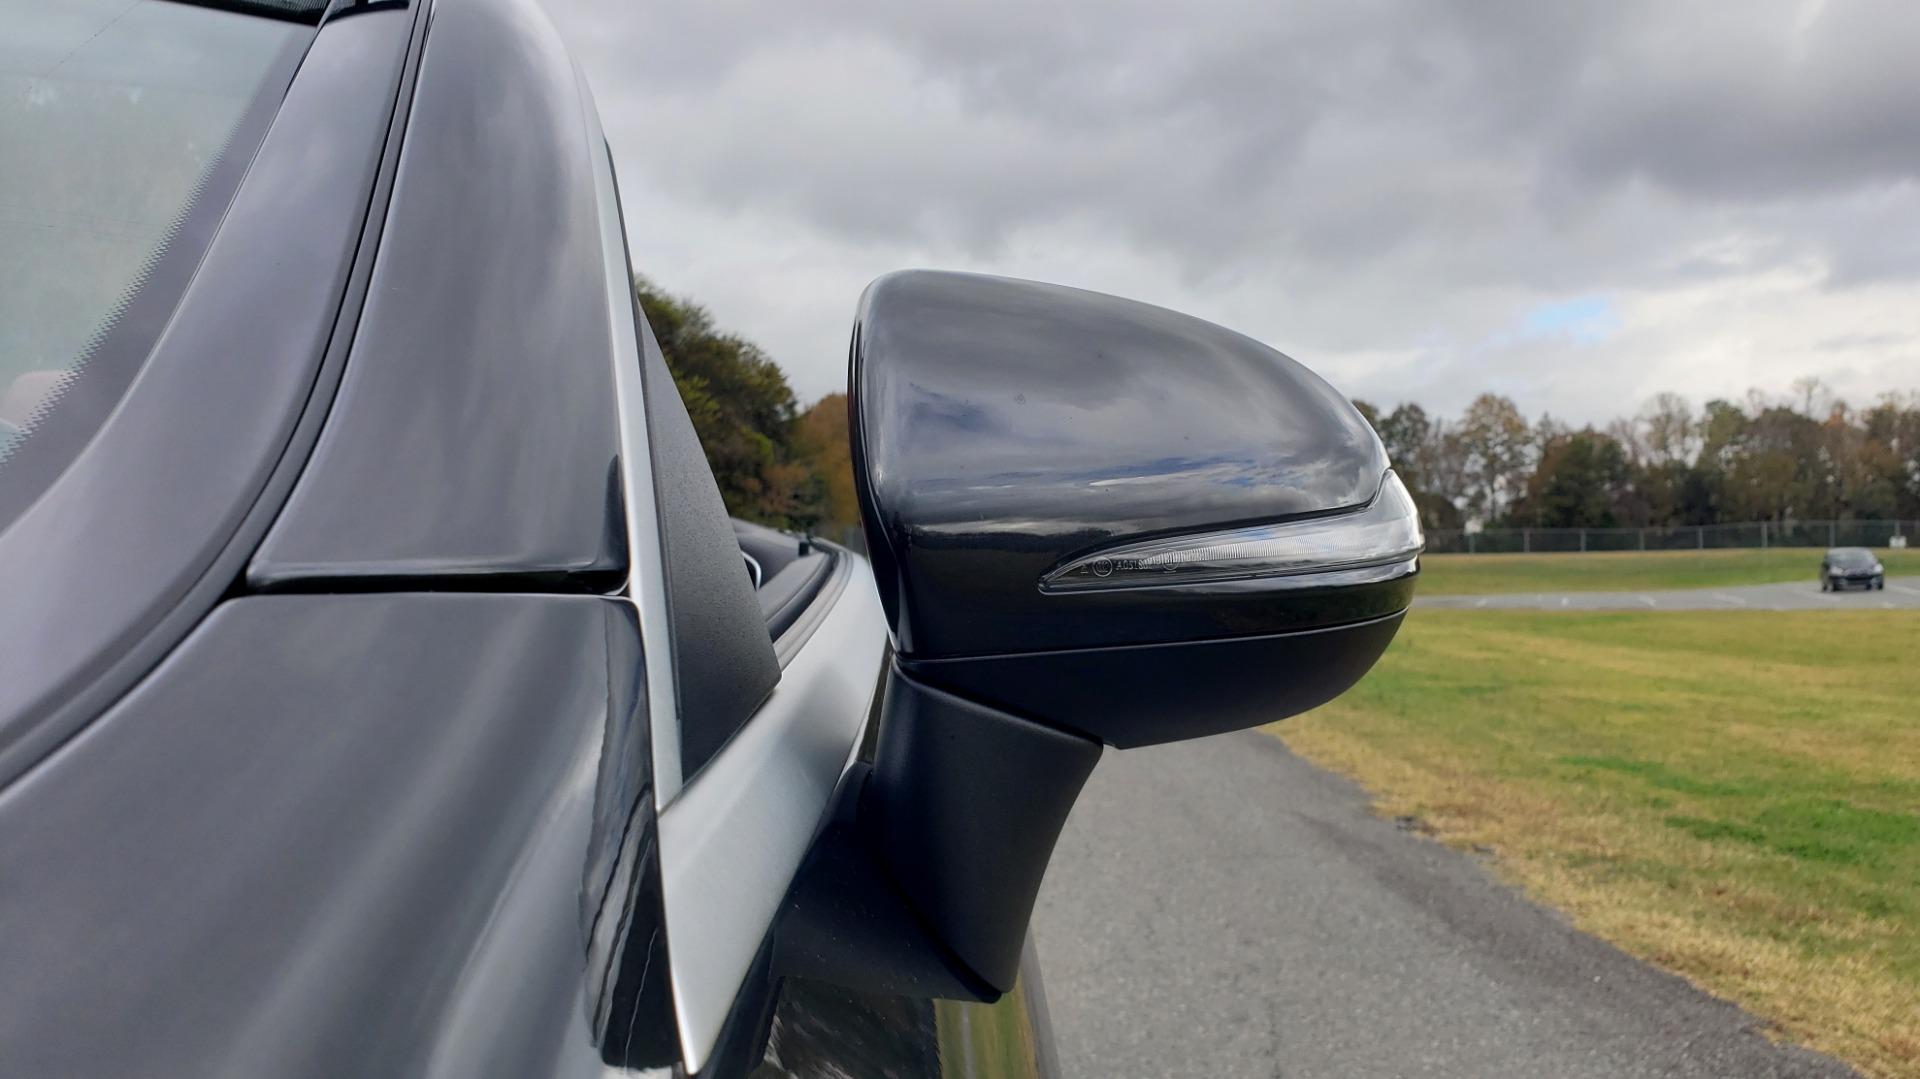 Used 2019 Mercedes-Benz C-CLASS C 300 CABRIOLET / PREM PKG / NAV / BURMESTER / MULTIMEDIA for sale Sold at Formula Imports in Charlotte NC 28227 55